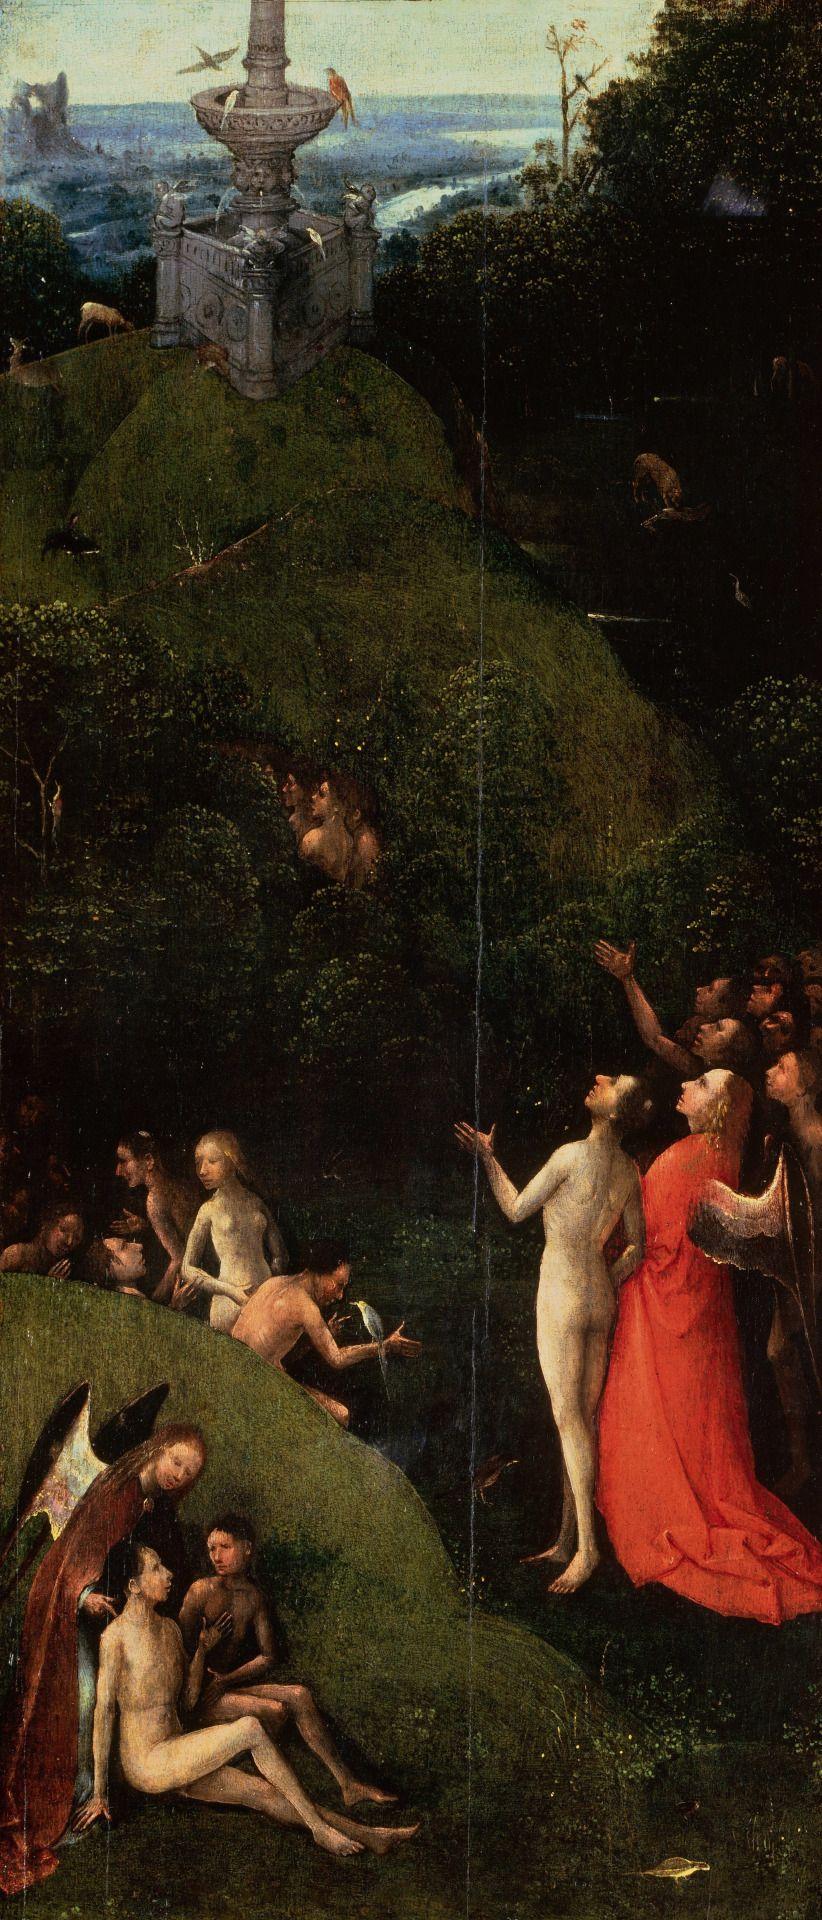 """magictransistor: """" Hieronymus Bosch. Terrestrial Paradise. 1490. """""""